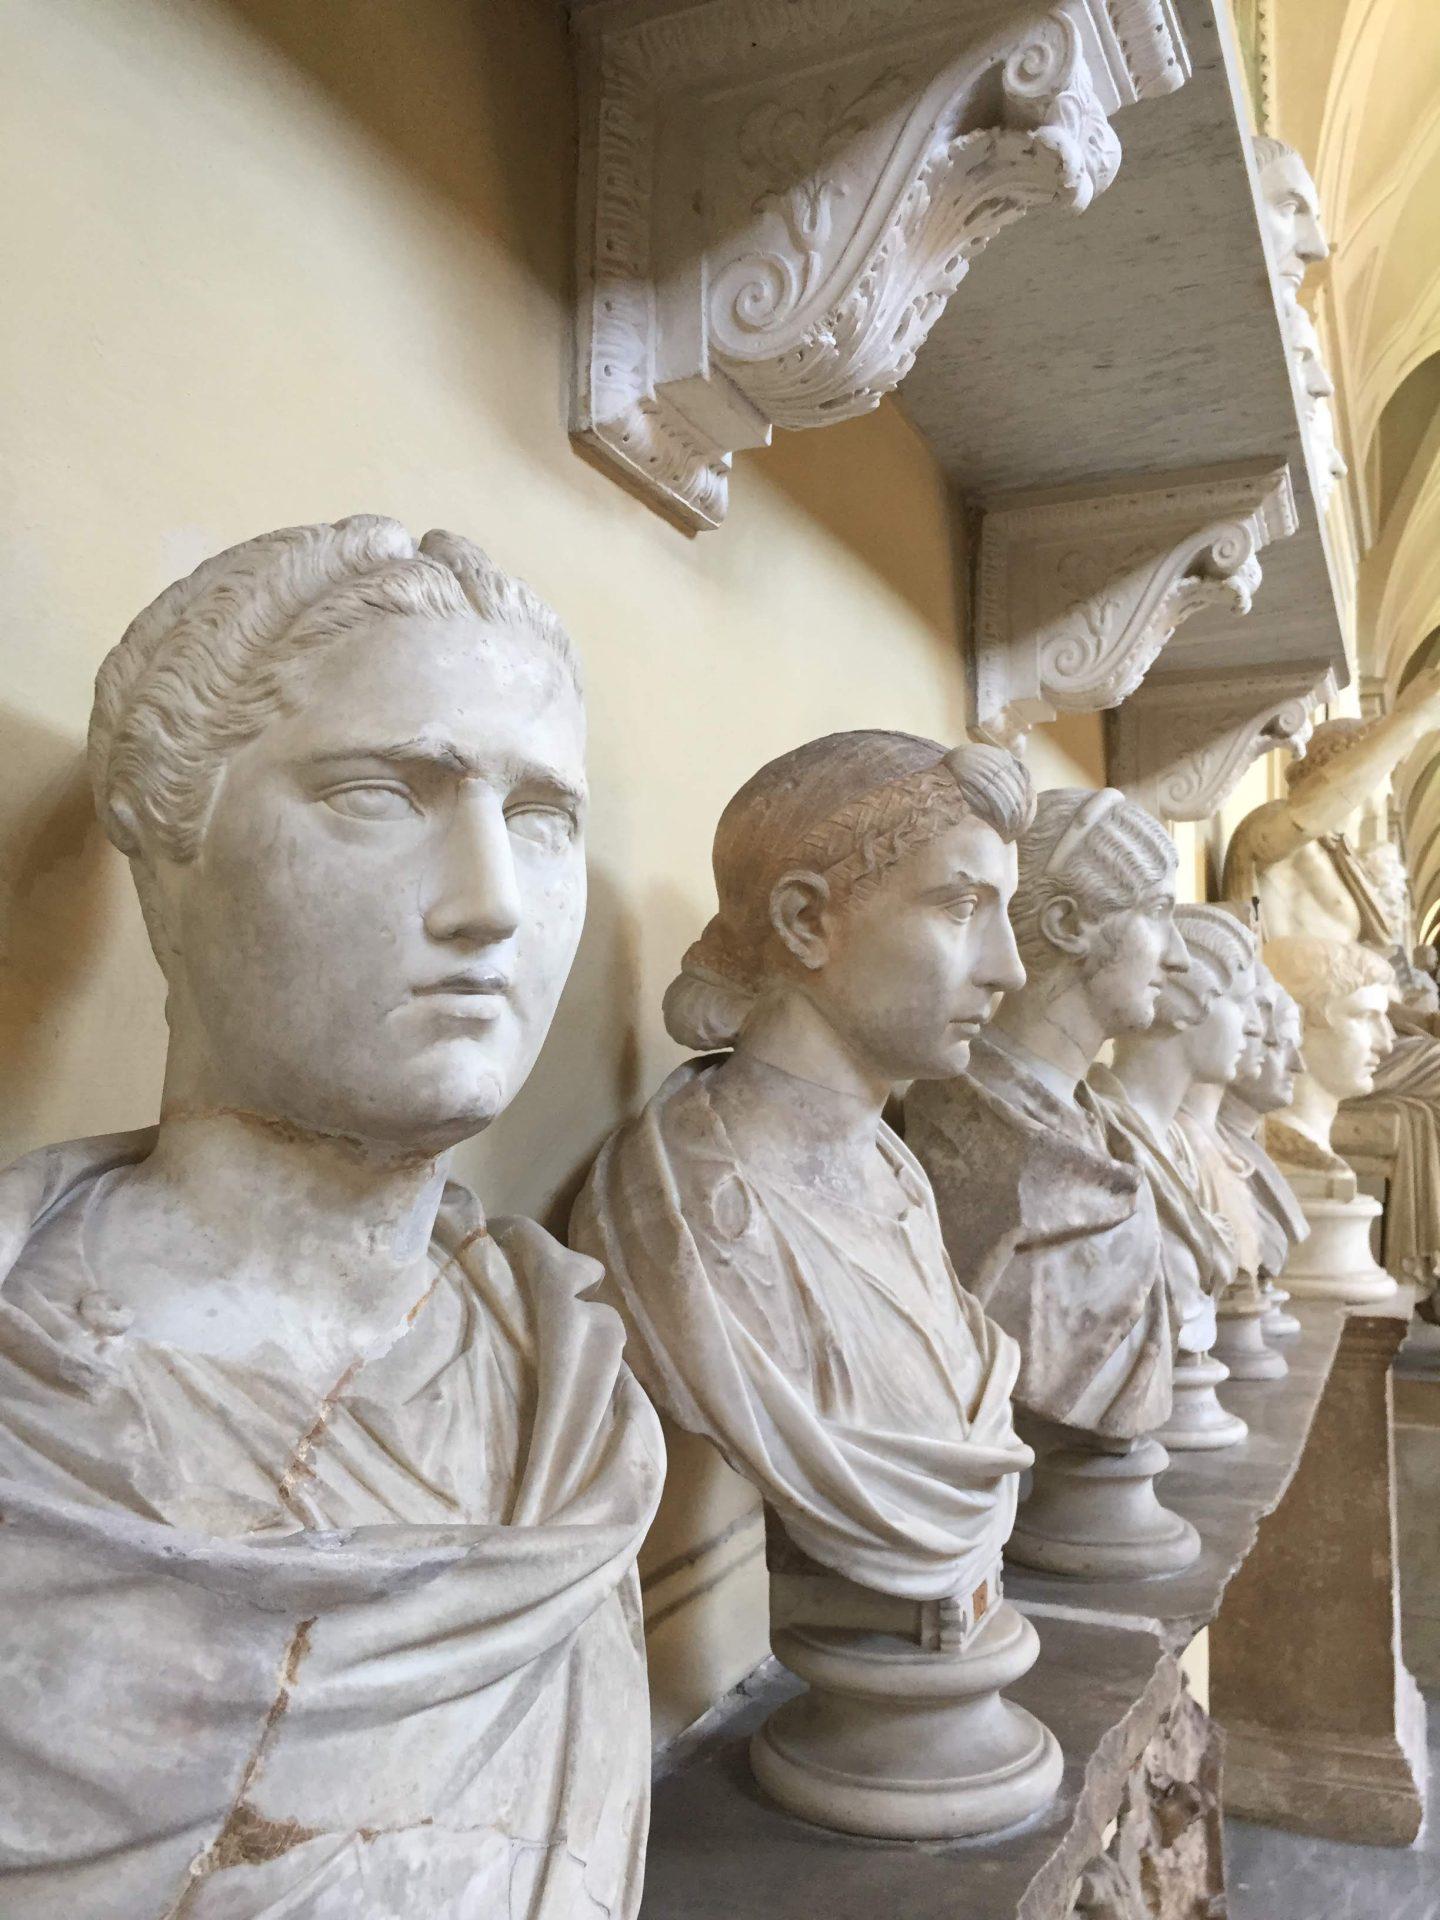 Sculptures in the Vatican Museum, Vatican City